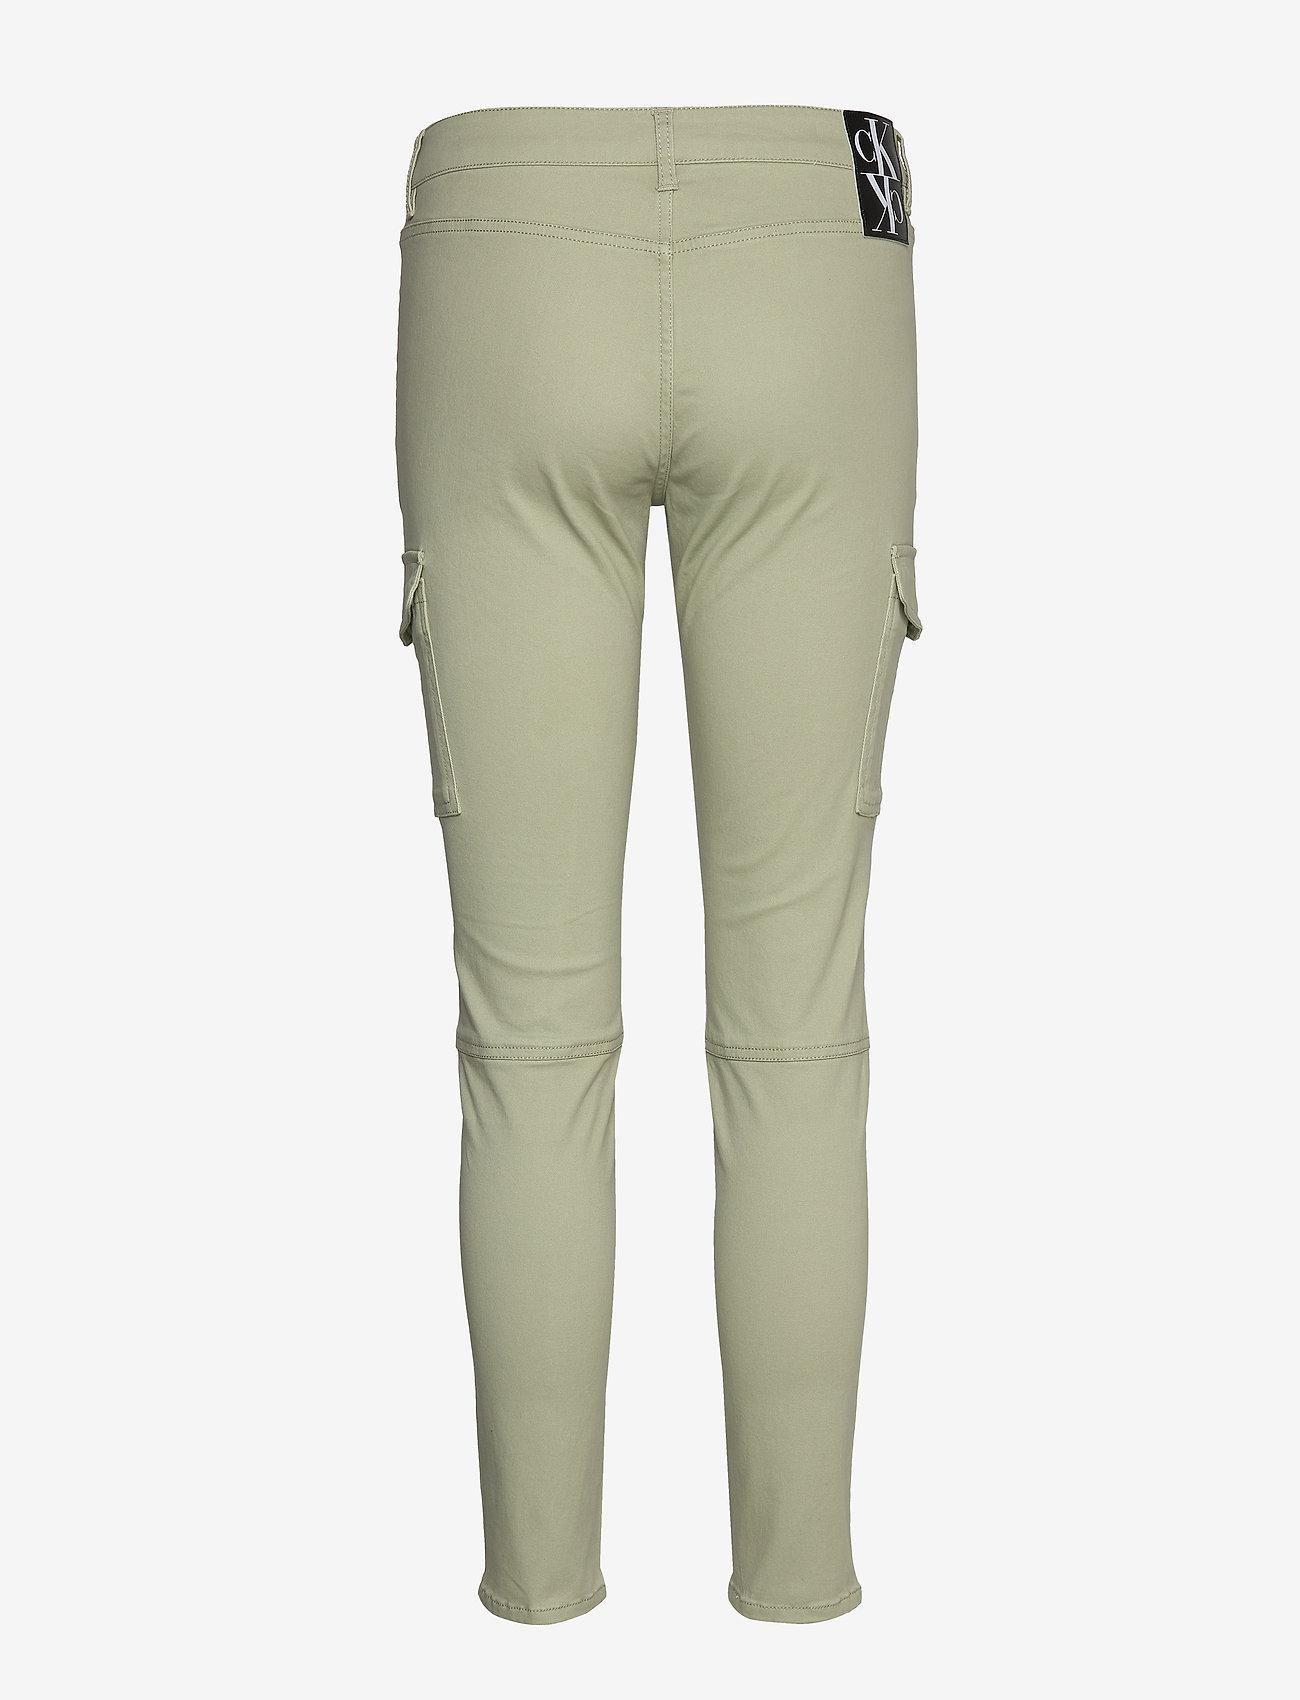 Calvin Klein Jeans - SKINNY CARGO PANTS - broeken med skinny fit - earth sage - 1